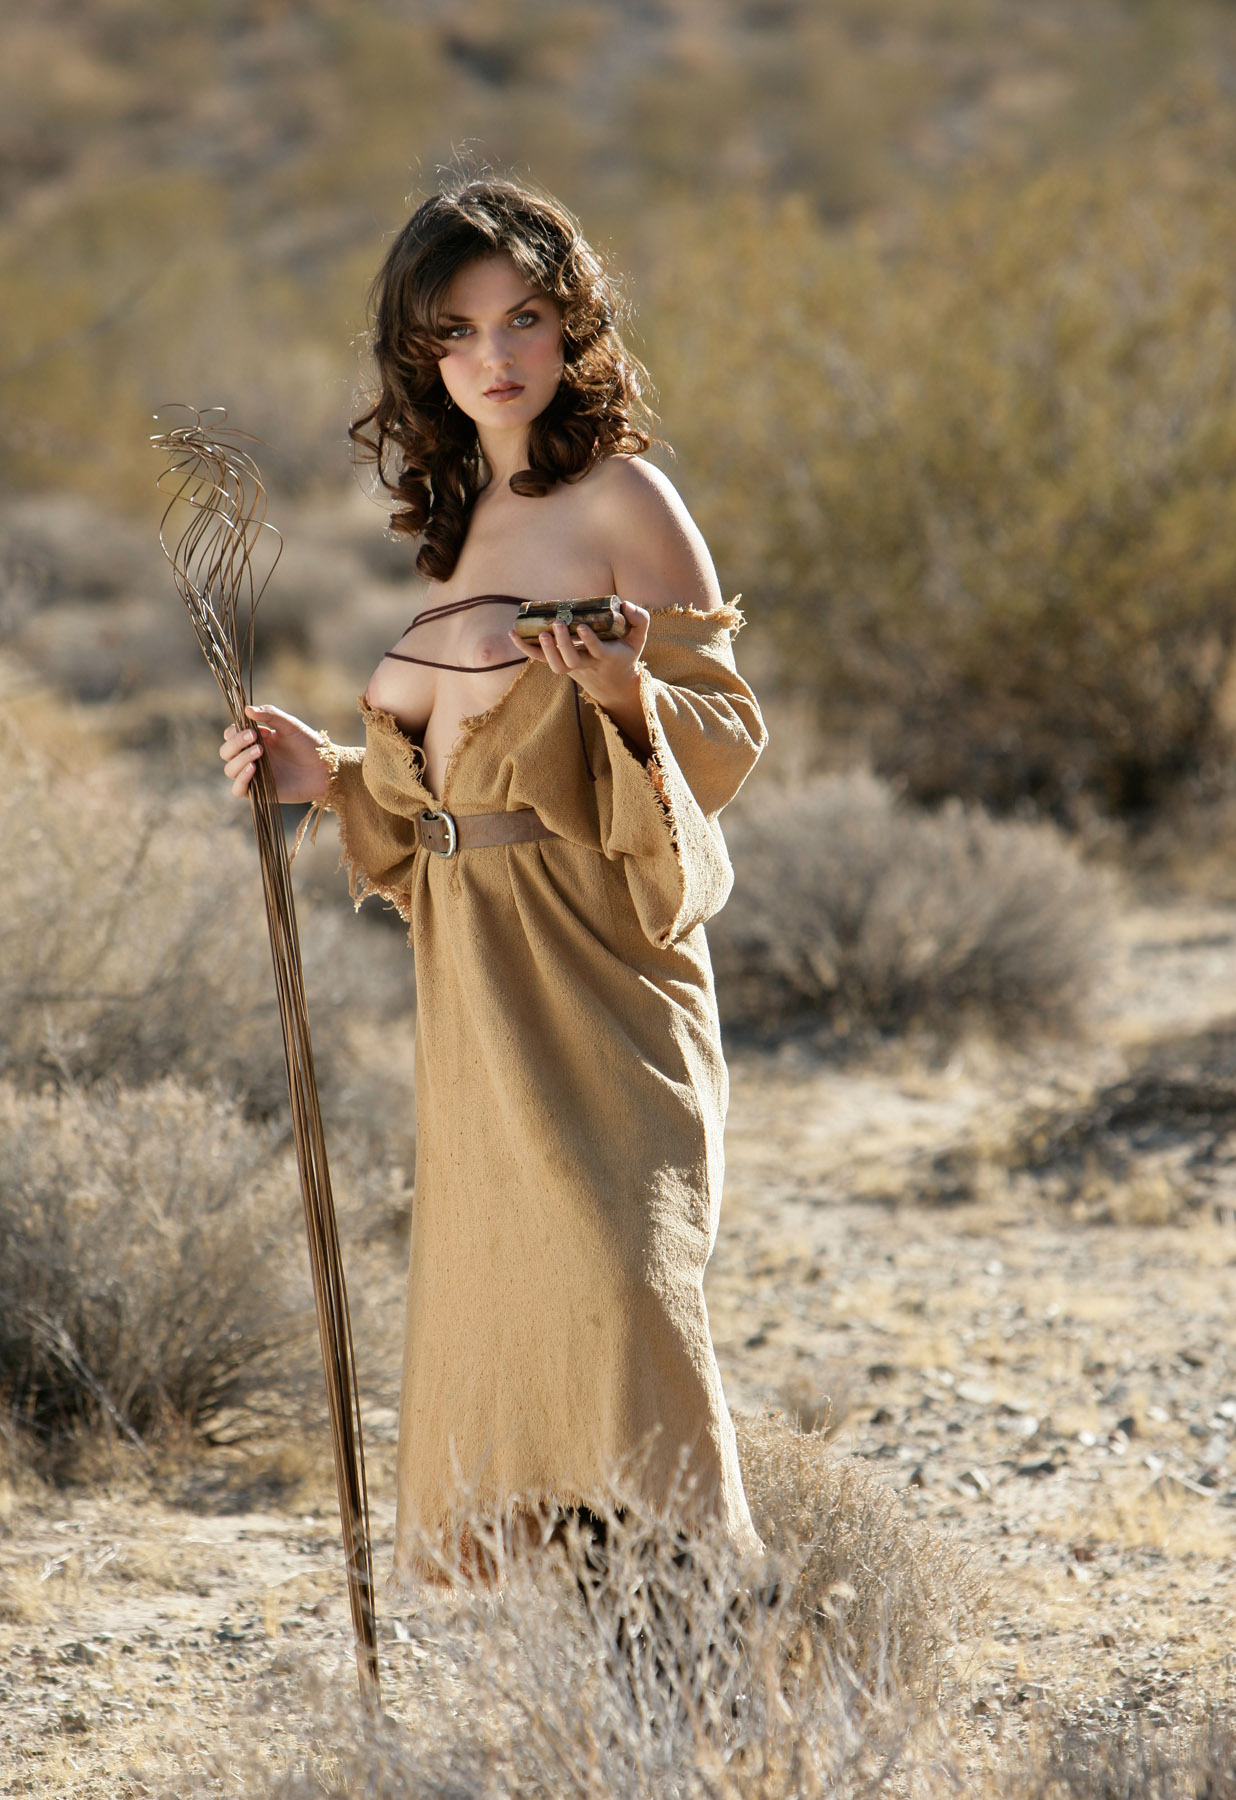 Elizabeth Marxs Fantasy Lingerie  Hot Girl Hd Wallpaper-9763